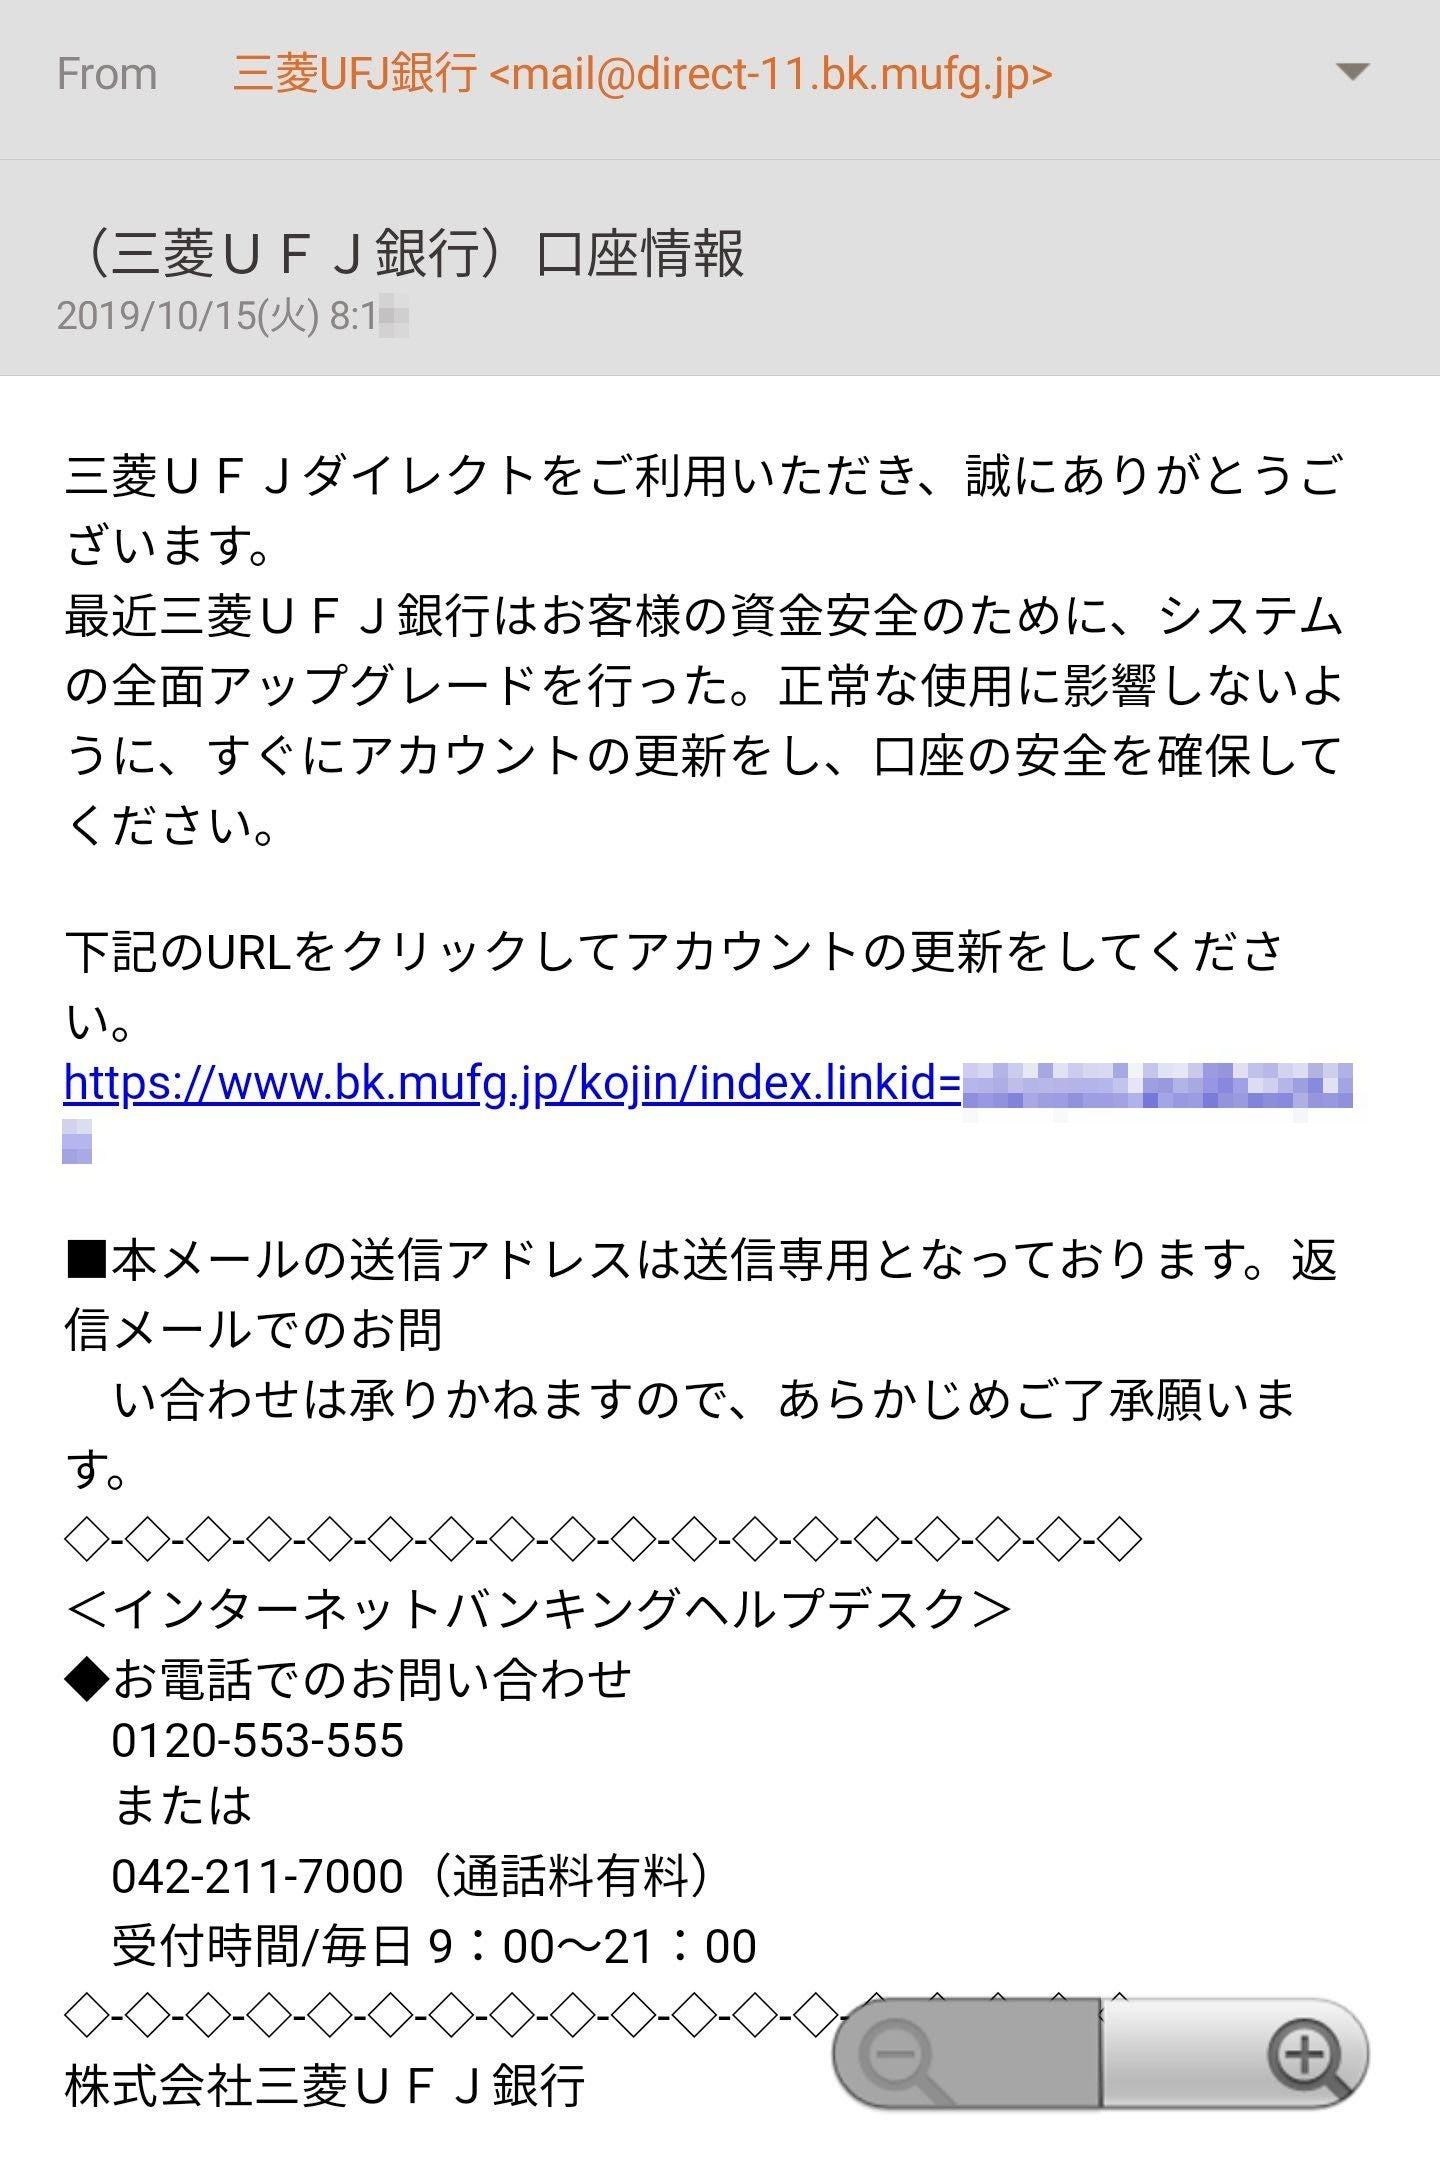 Ufj ダイレクト 三菱